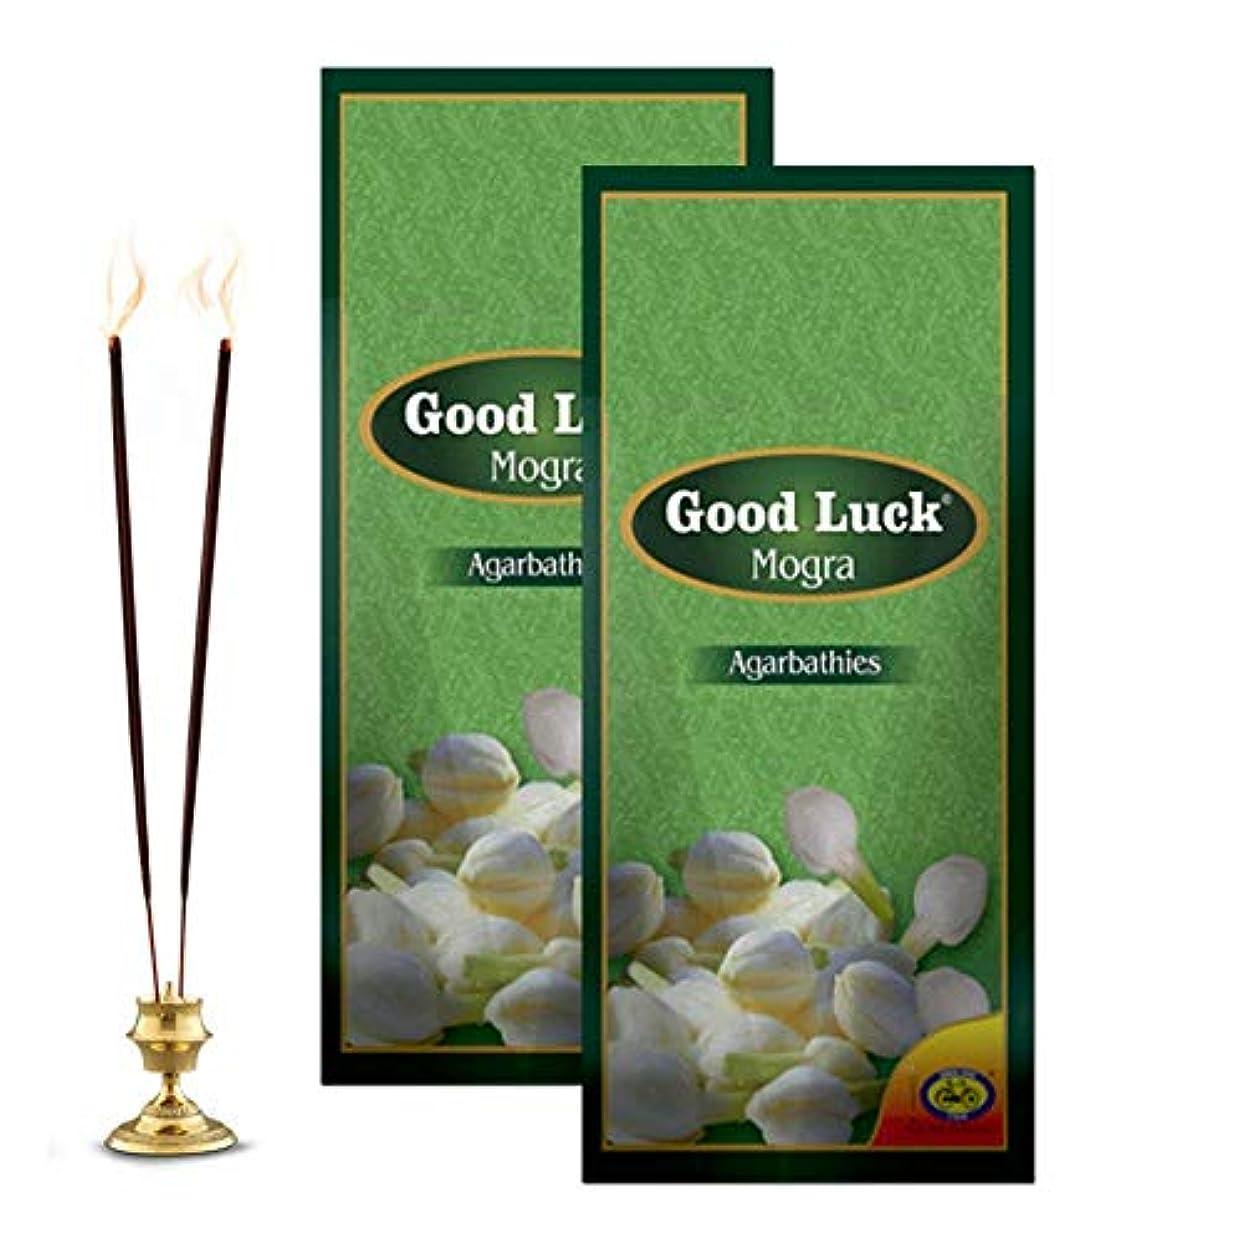 唯一検索妊娠したCycle Pure Good Luck Mogra Incense Sticks - Pack of 2